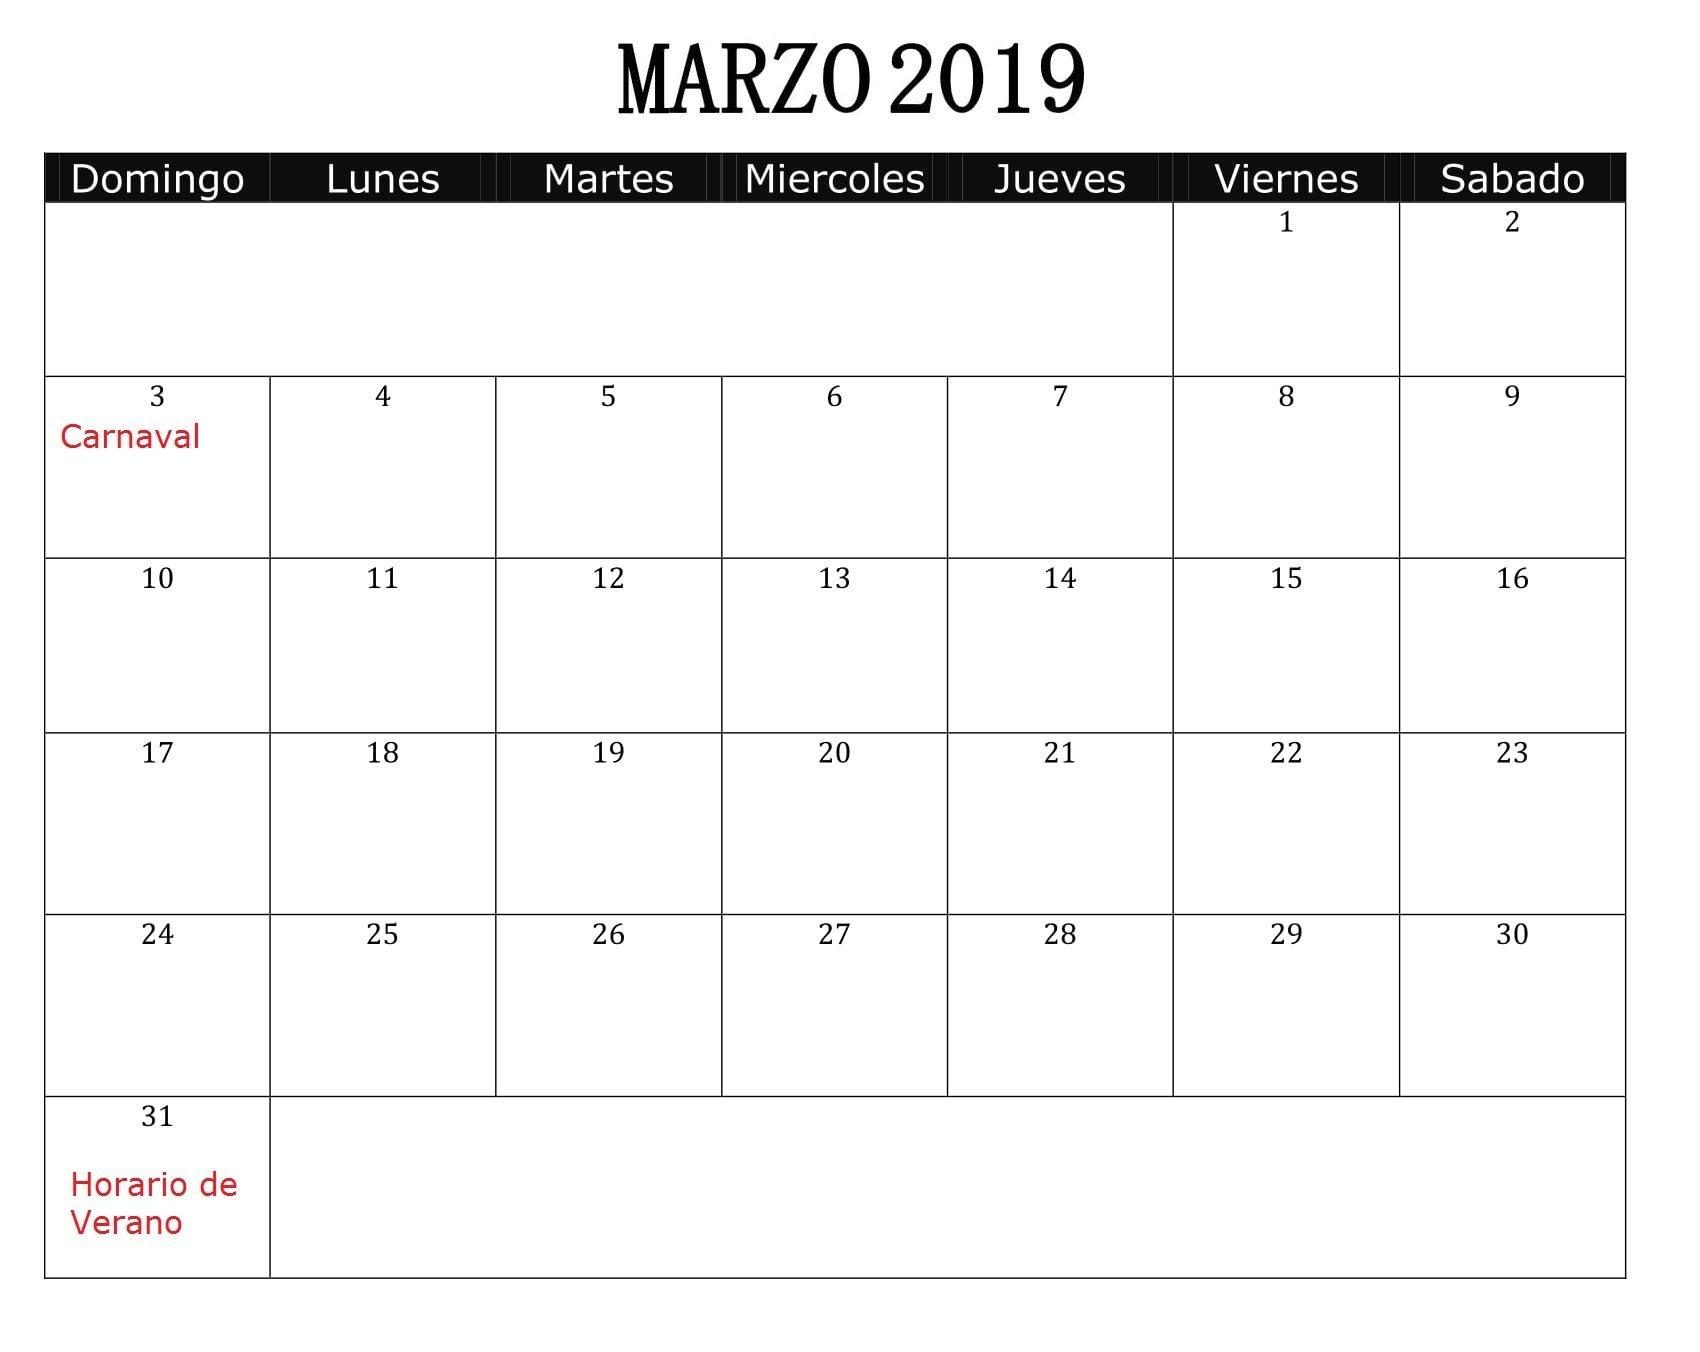 Calendario marzo con festivos calendario marzo con 1700x1352 Marzo calendario 2019 con festivos mexico